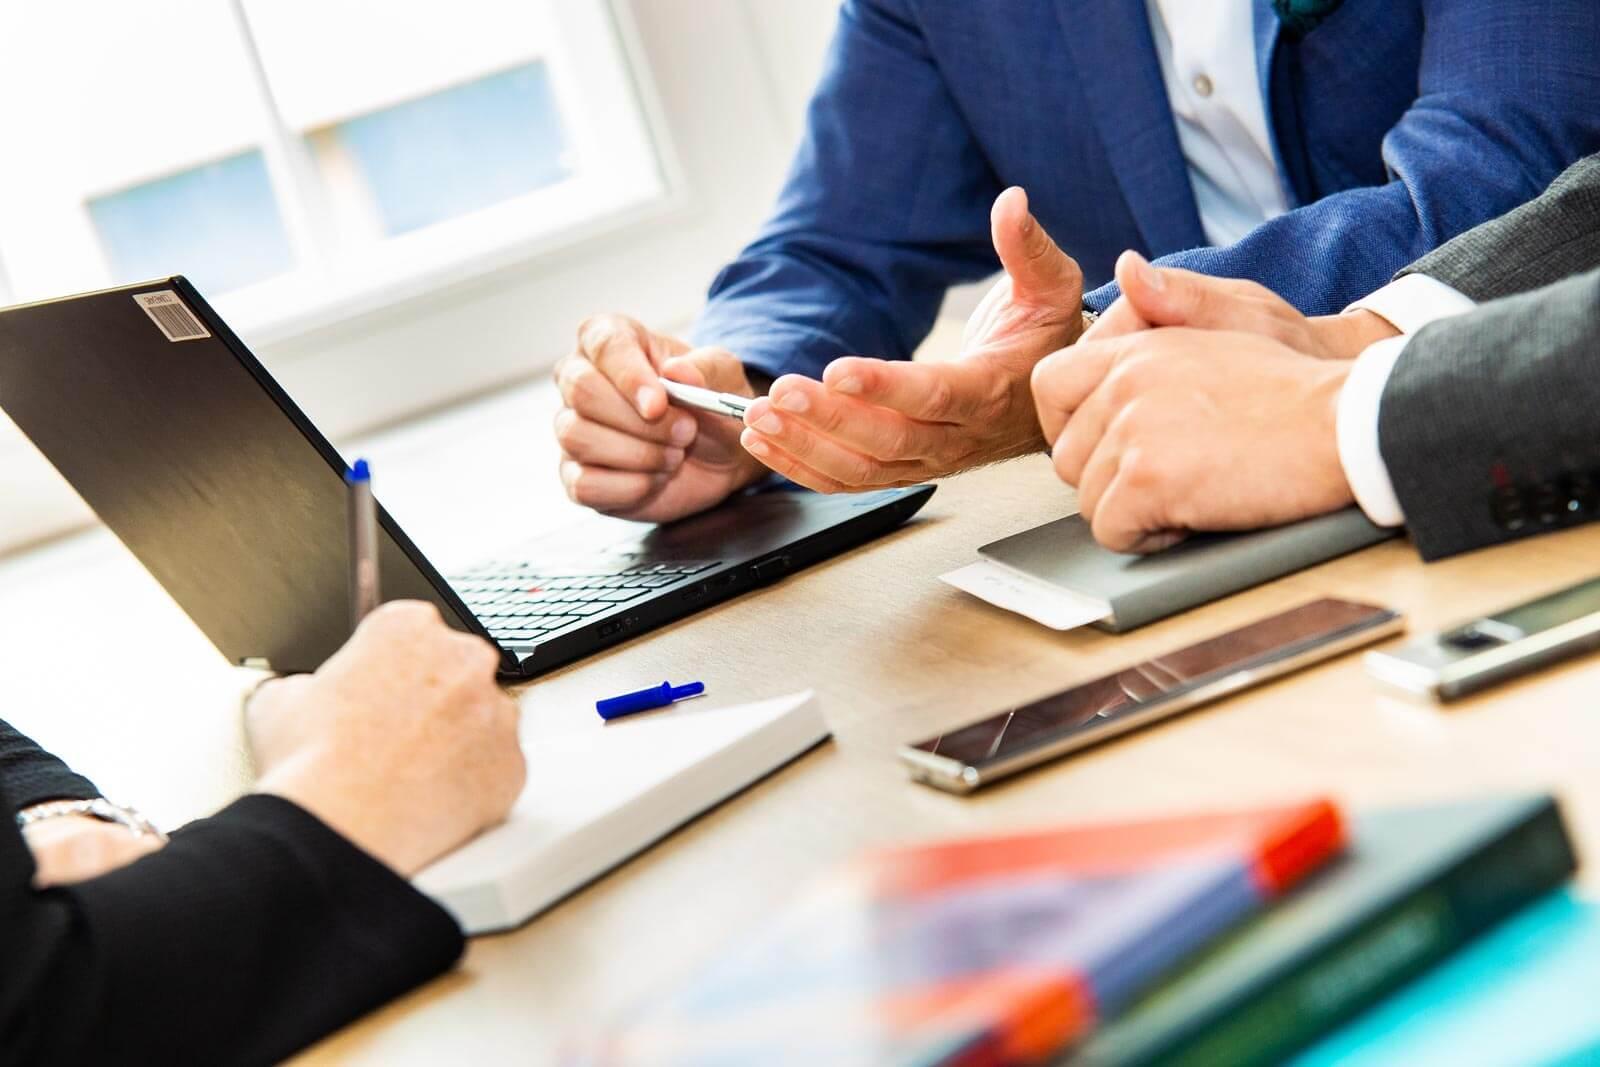 MEWIGO erweitert Team & Portfolio durch Services zu XING und LinkedIn